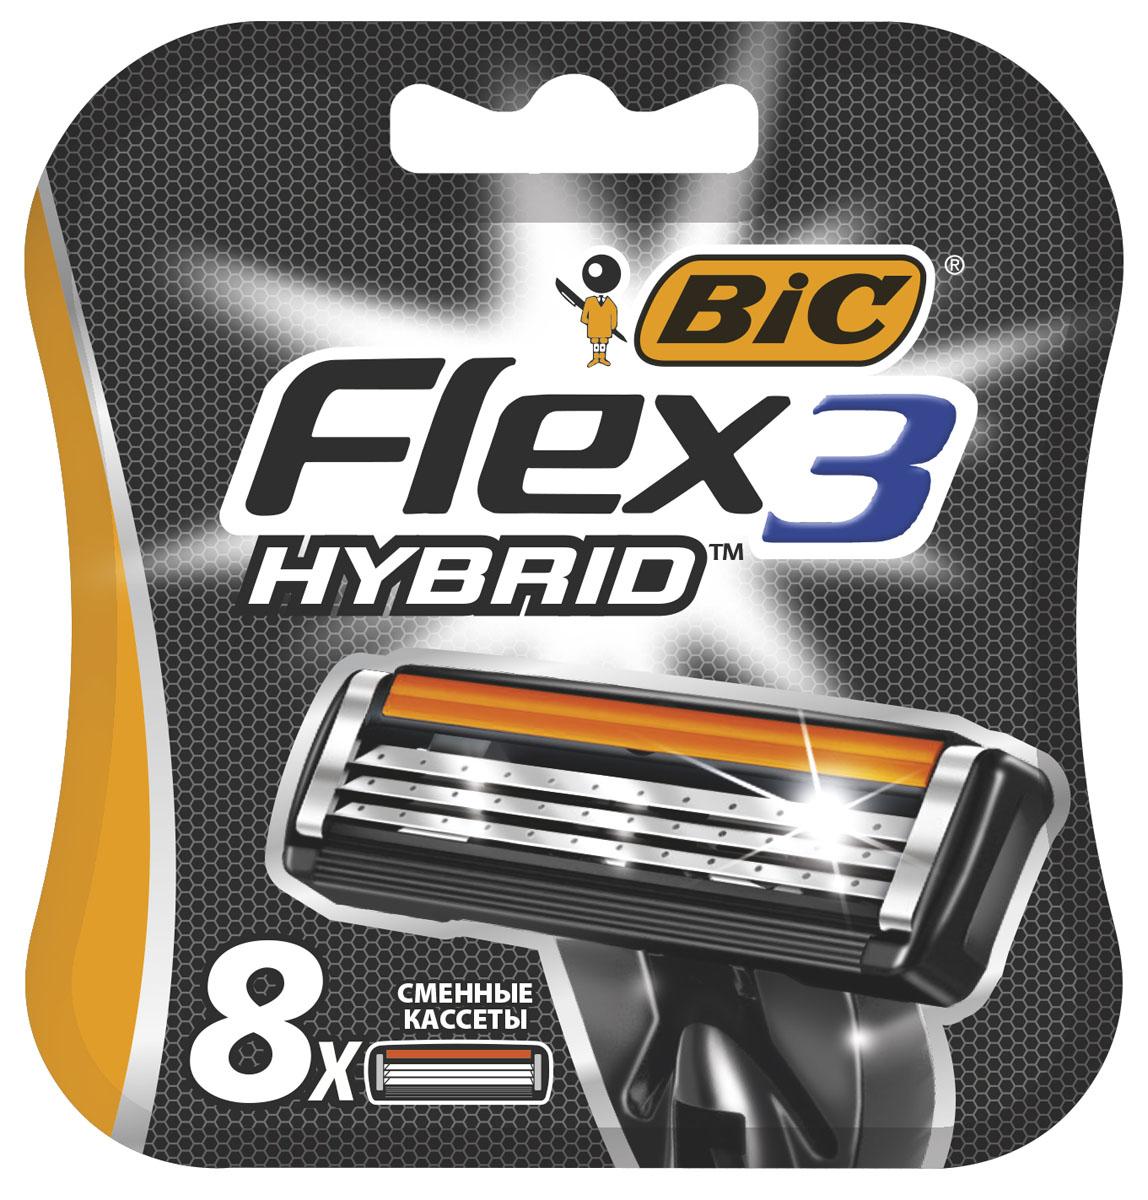 Bic Flex 3 Hybrid Сменные кассеты для бритья, 8 шт кассеты bic flex 3 hybrid 4шт